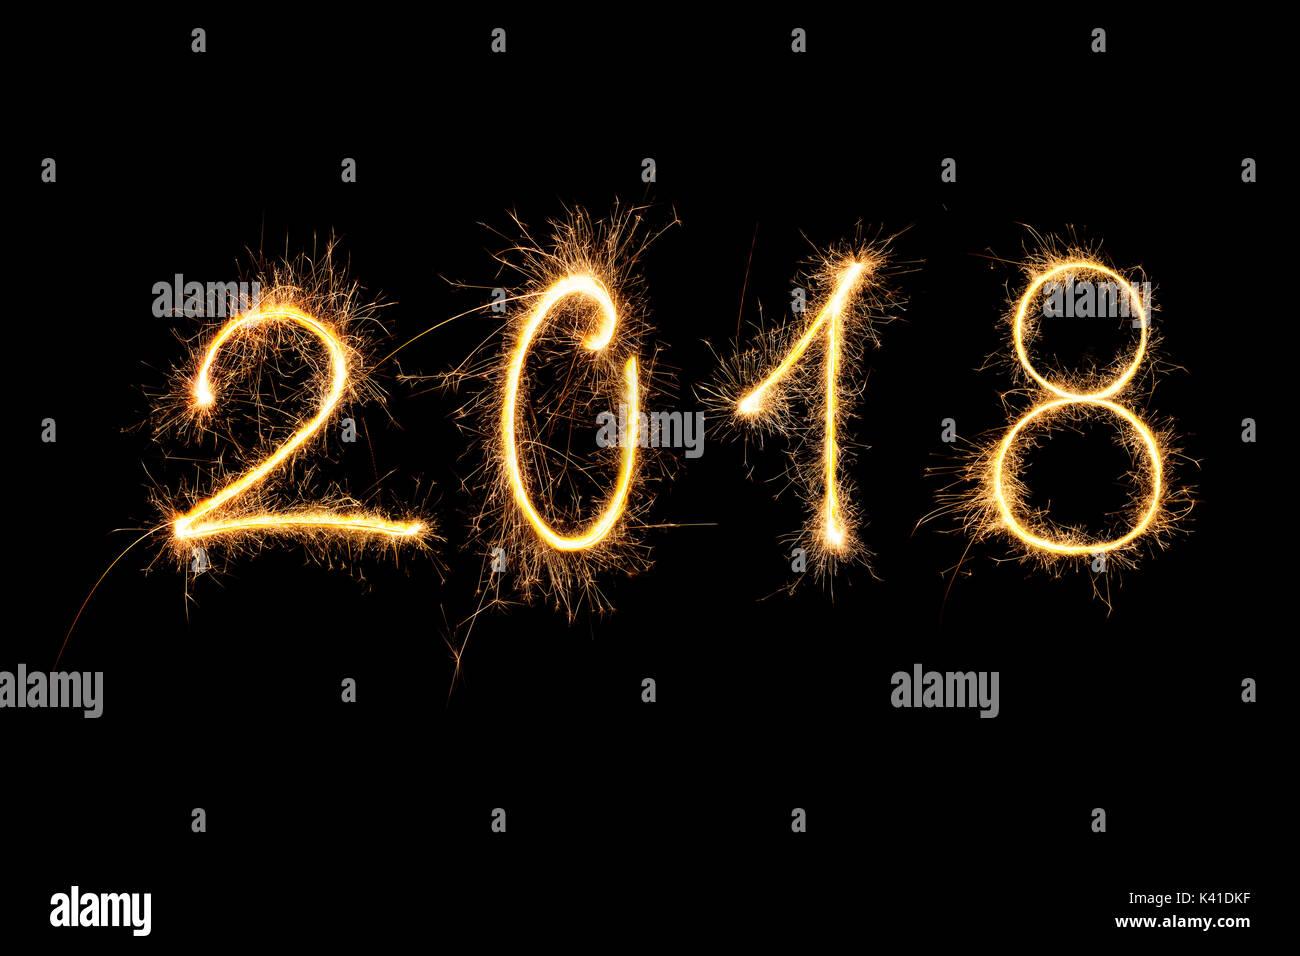 Feliz año nuevo. Dígitos de 2018 realizados desde Fireworks aislado sobre fondo negro. Foto de stock